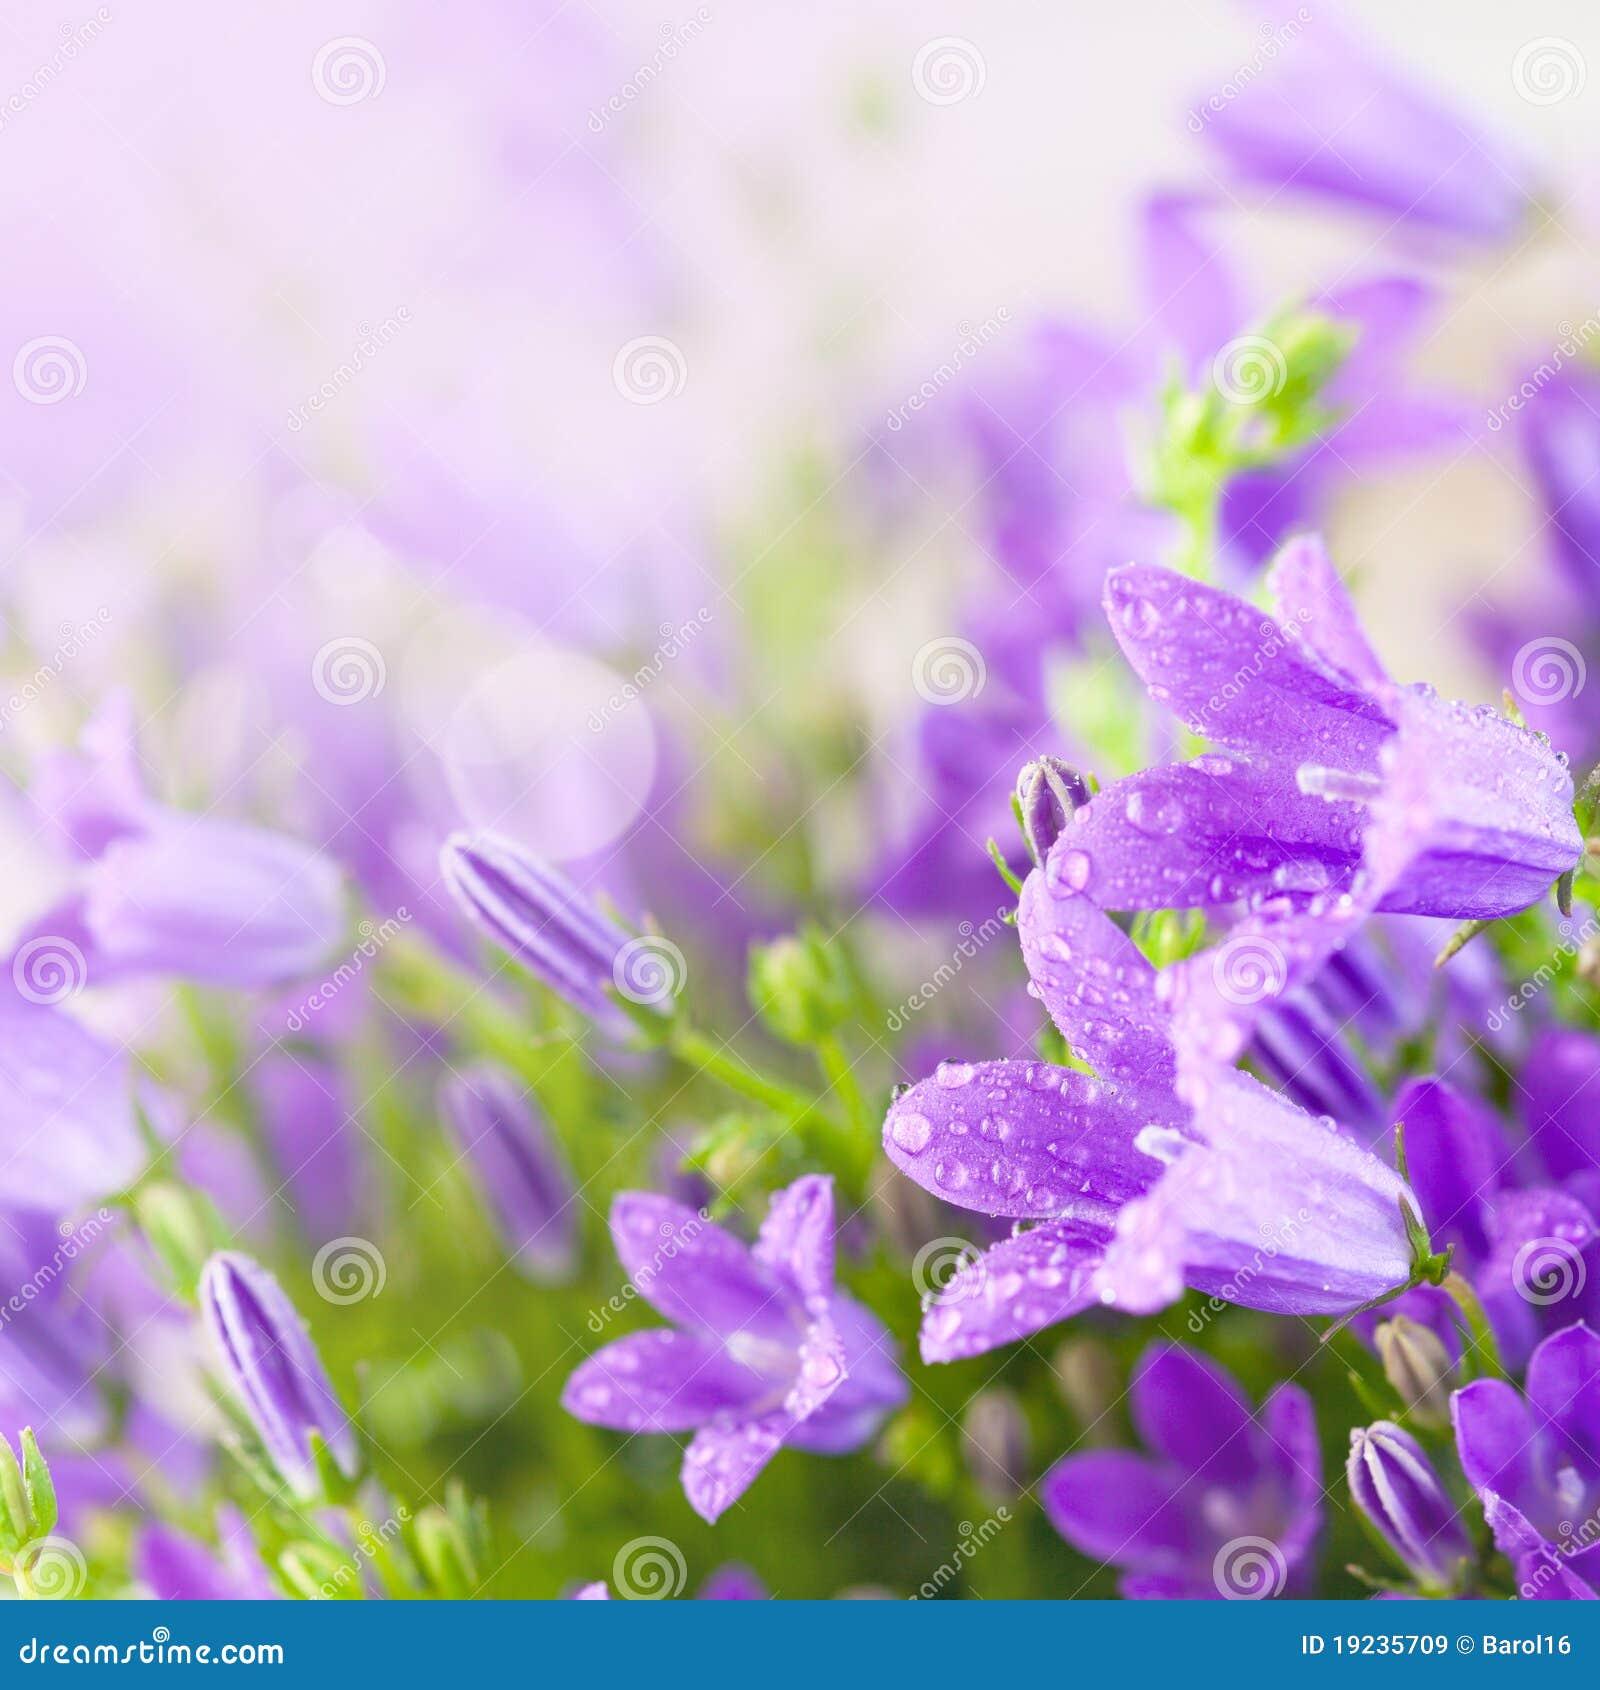 Piccoli Fiori Viola.Piccoli Fiori Viola Del Campanula Immagine Stock Immagine Di